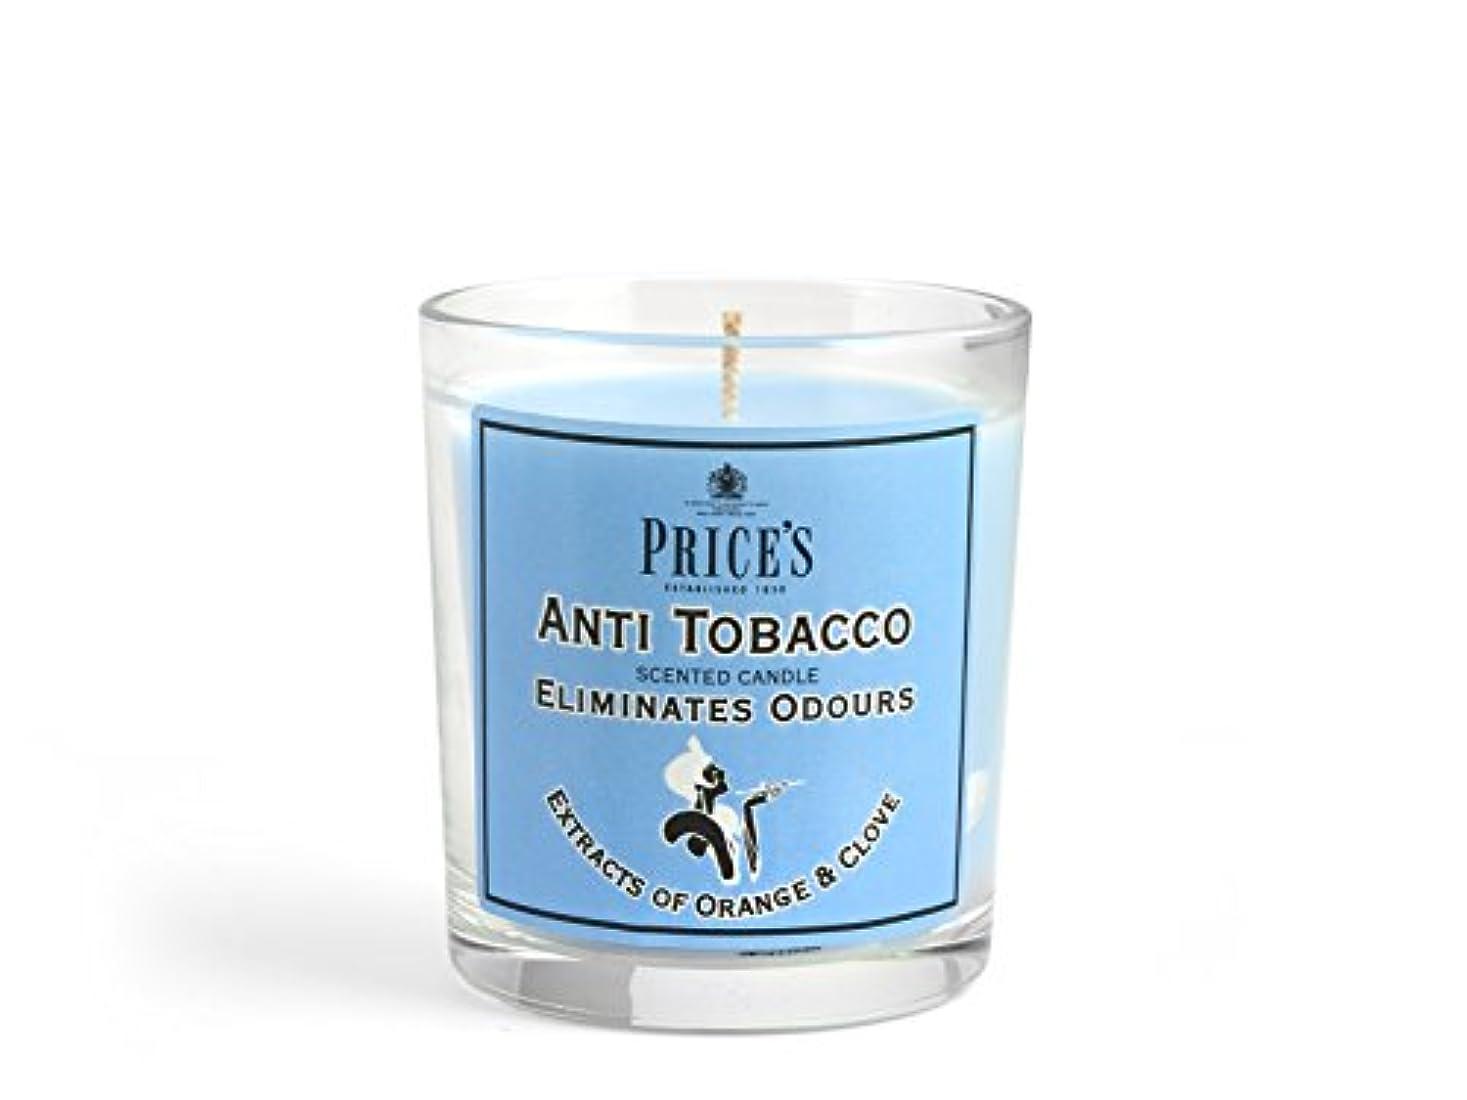 銀ハリウッド純粋なPrice′s(プライシズ) Fresh Air CANDLE TIN Jar type (フレッシュエアー キャンドル ジャータイプ) ANTI TABACCO (アンチタバコ)